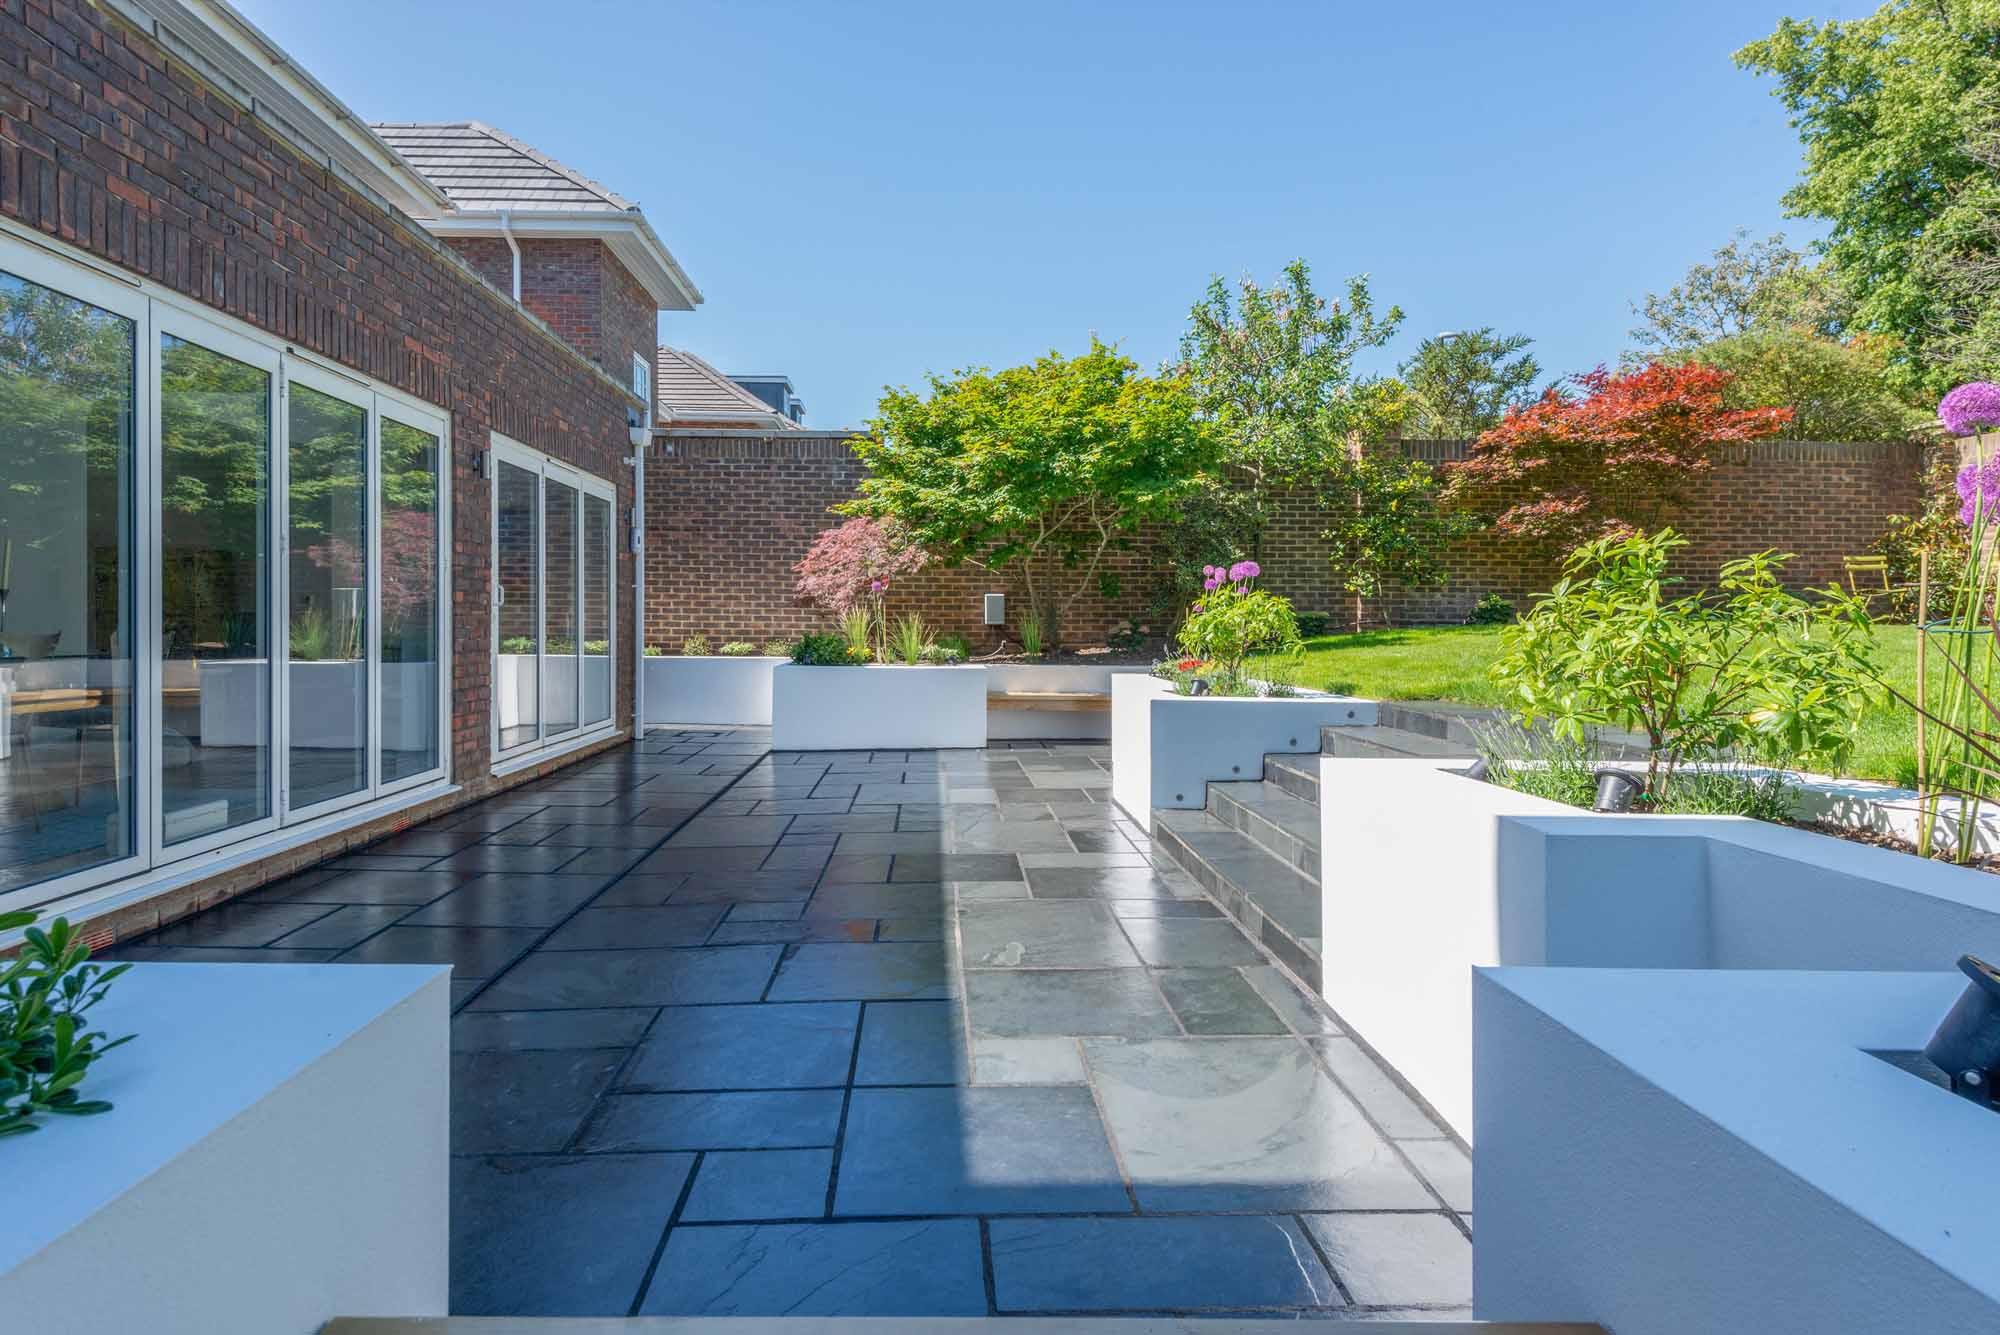 Contemporary Garden Design South West London